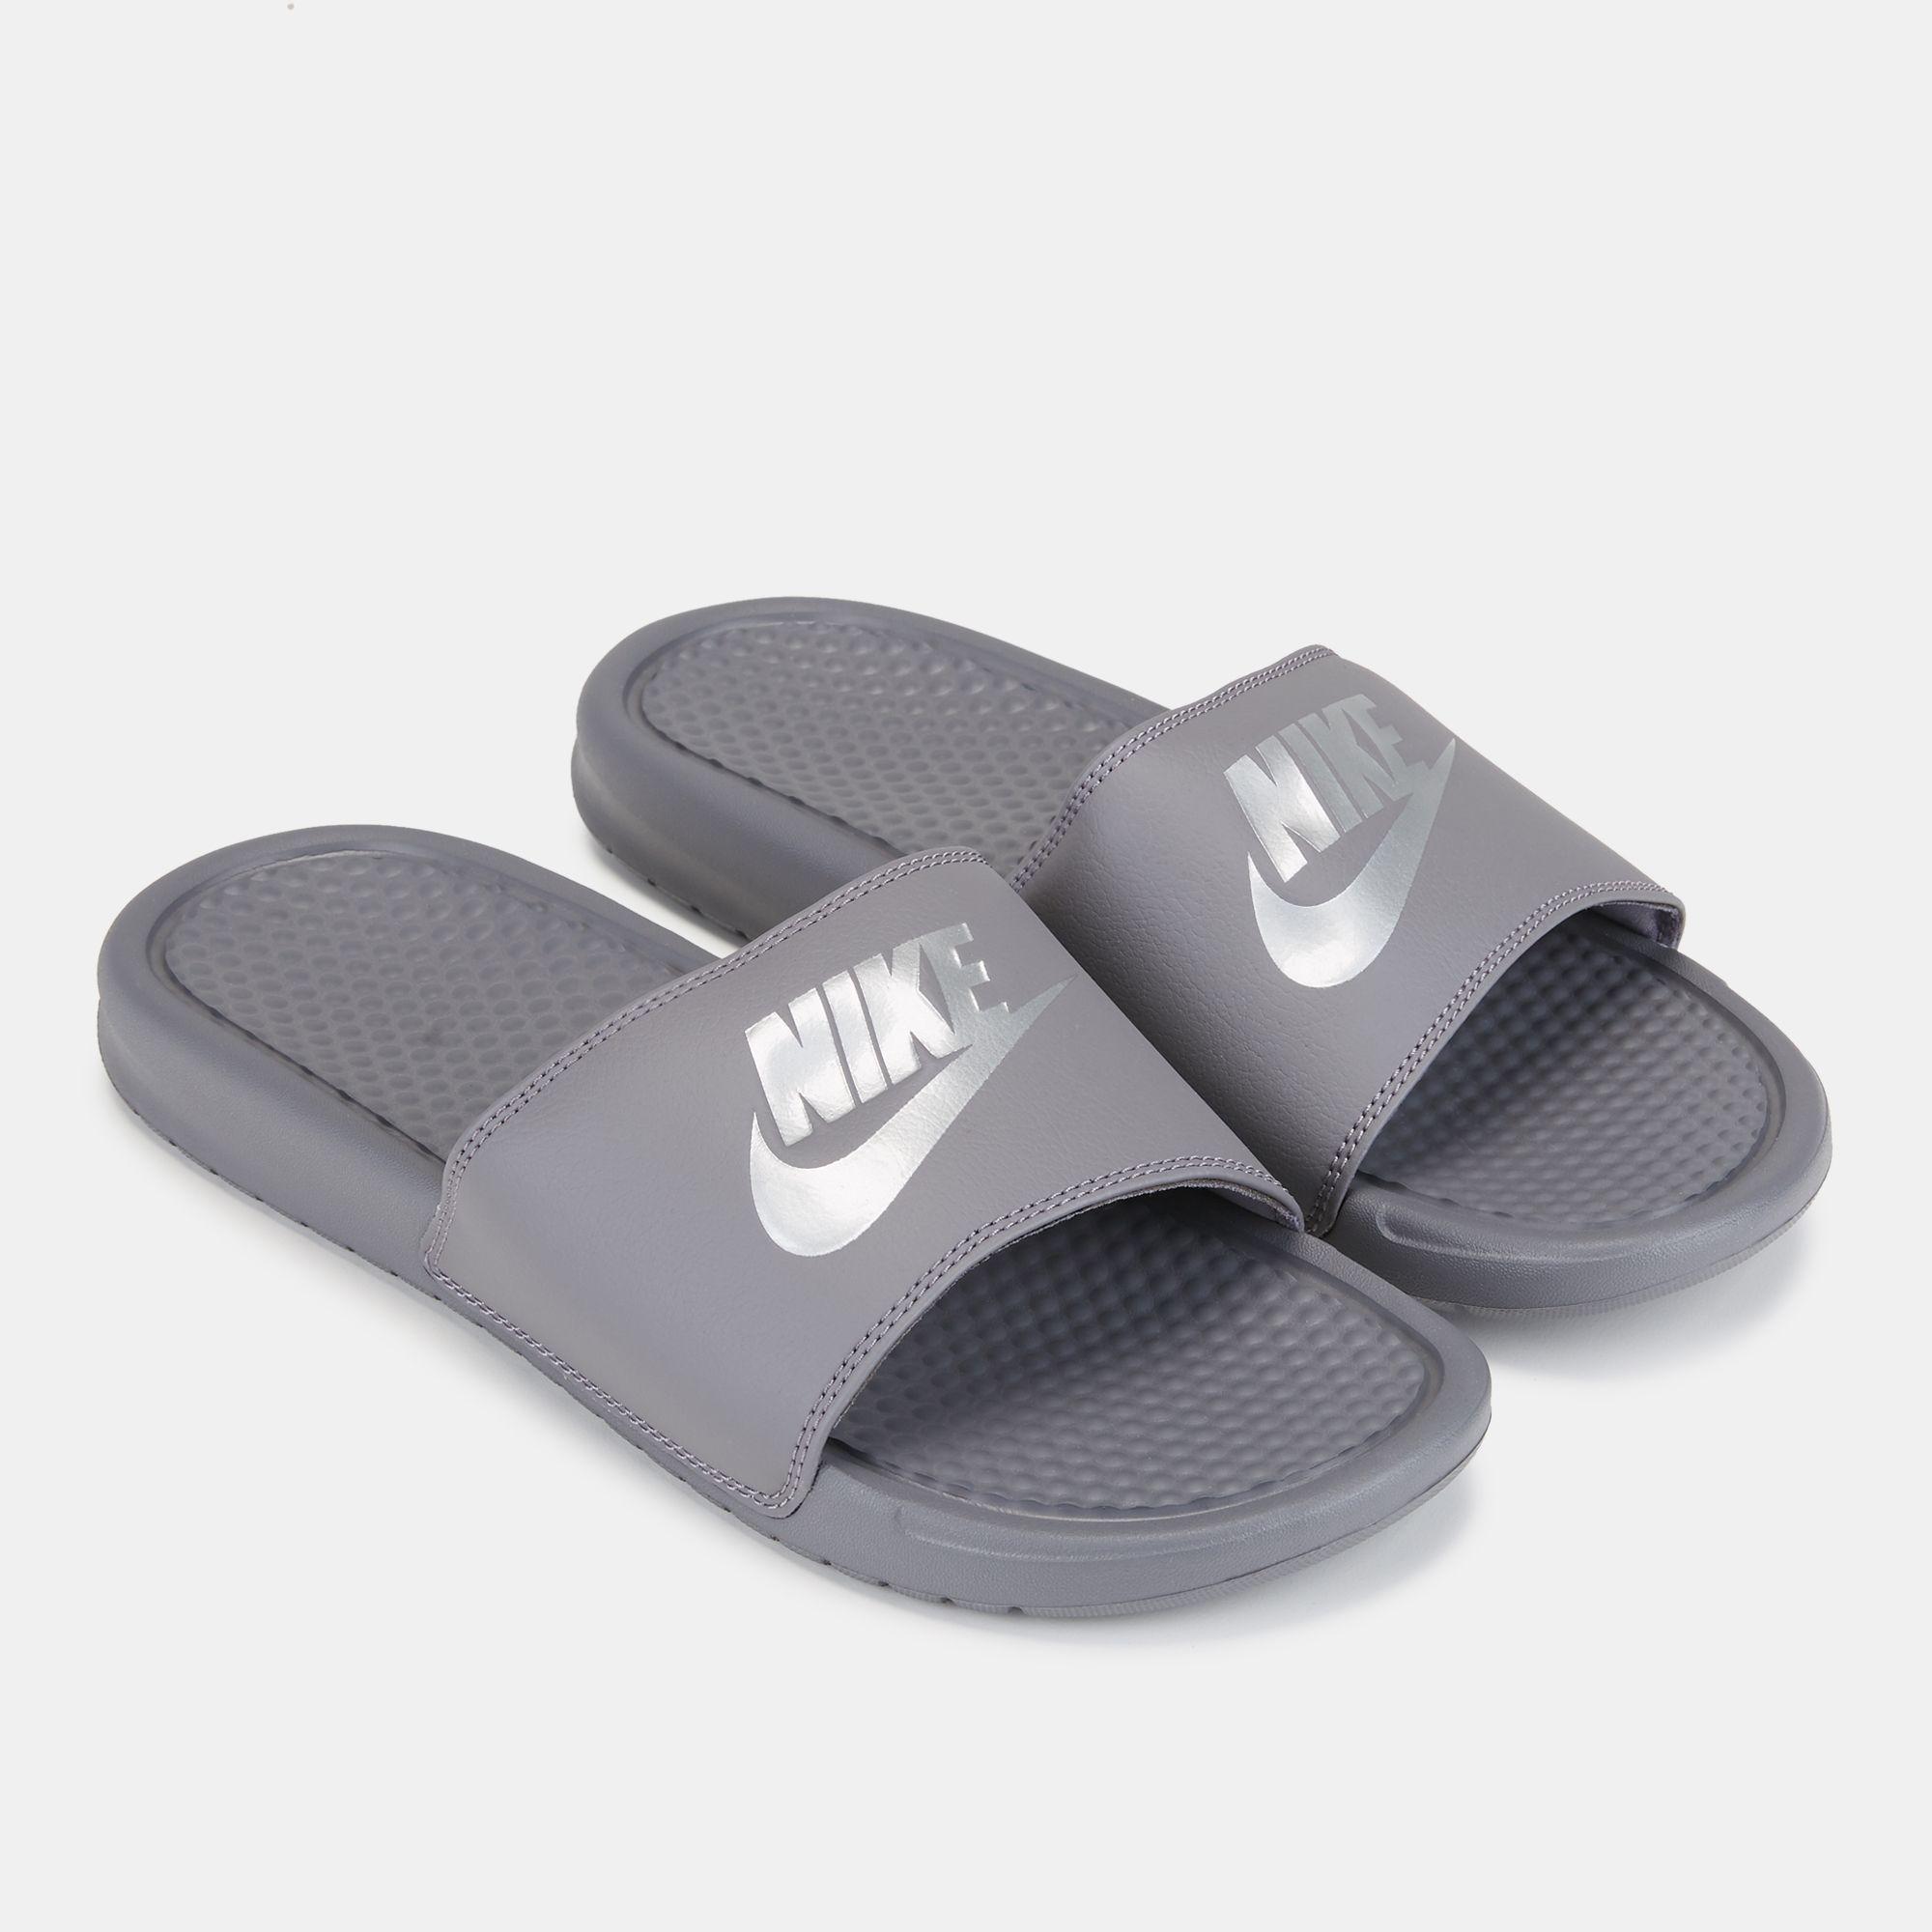 finest selection 23539 8ba47 Nike Benassi Just Do It Slide Sandals   Slides   Sandals And Flip-Flops    Shoes   Mens   NIKE343880-20   SSS